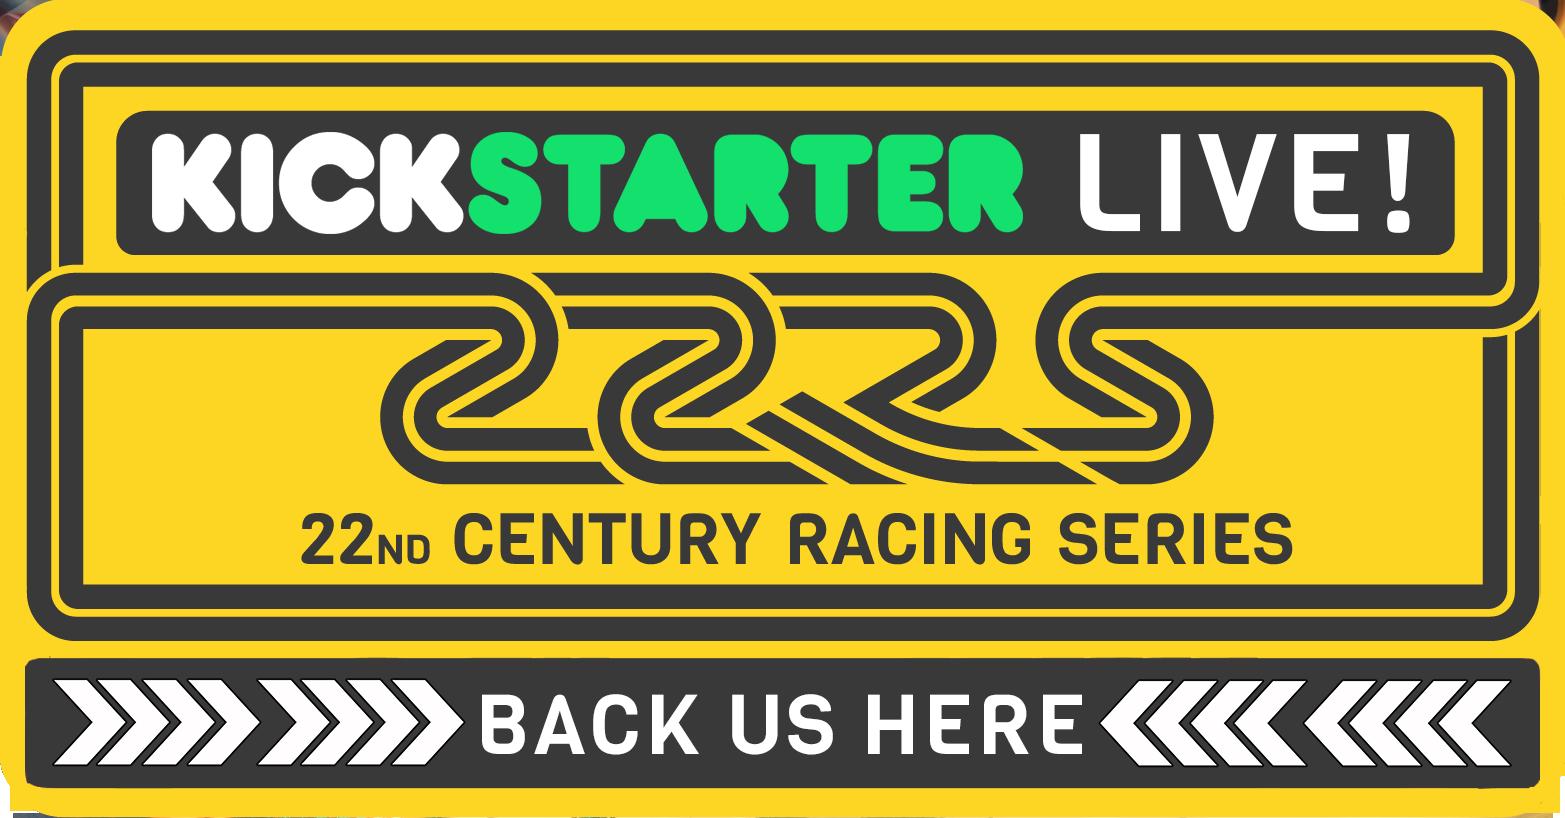 Kickstarter Live 22RS Email Bann